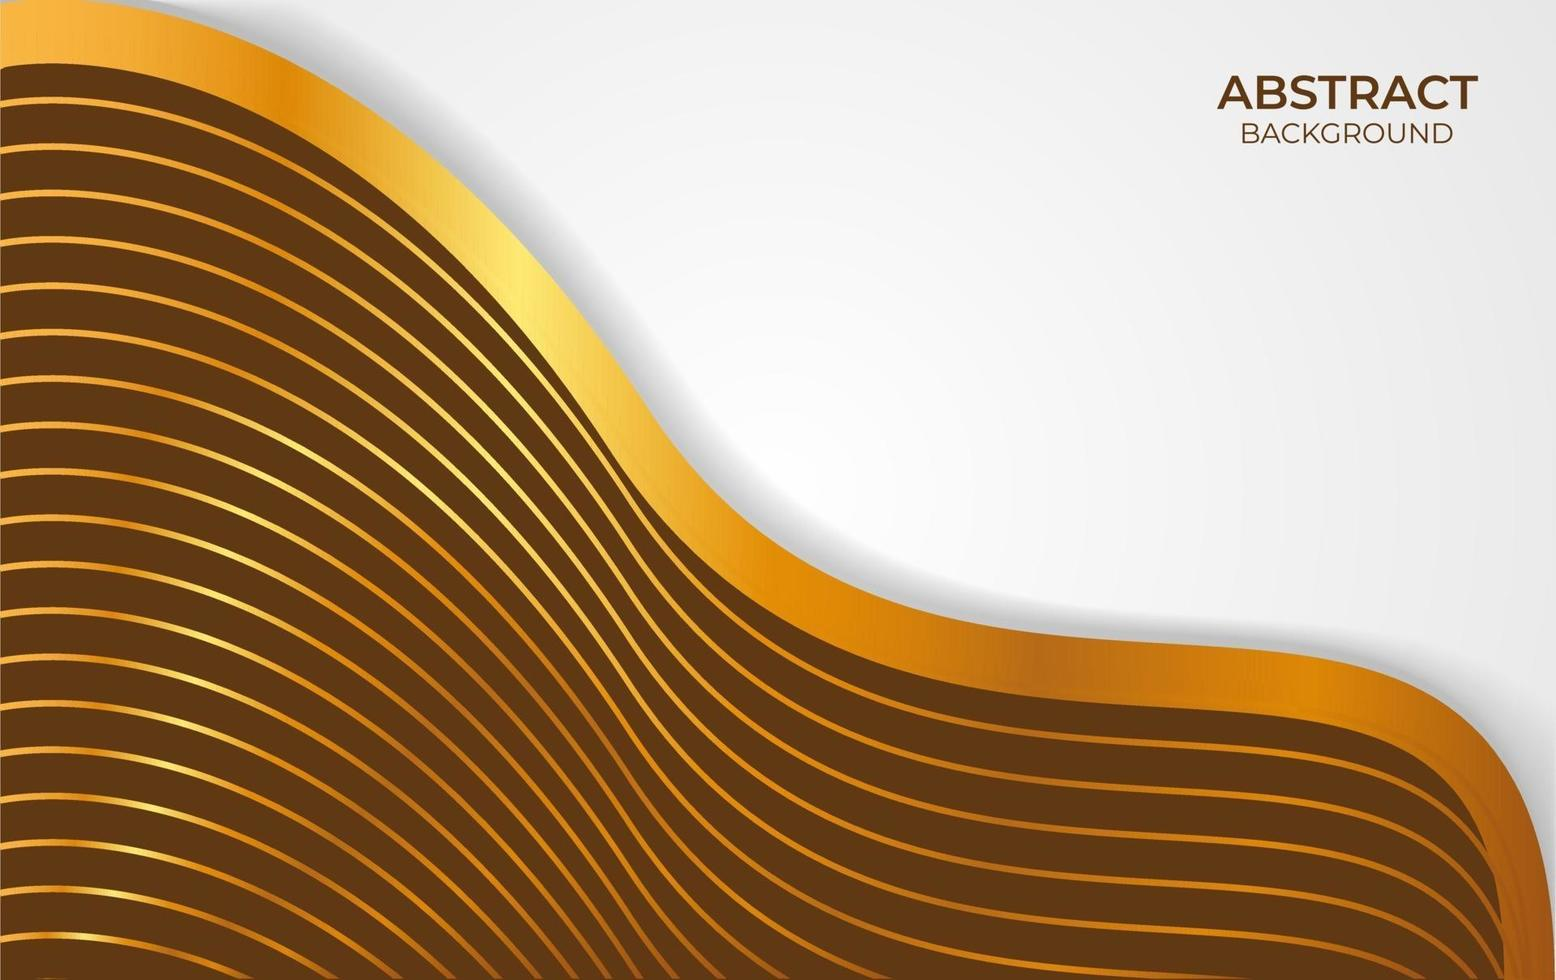 abstract achtergrond bruin en goud ontwerp vector